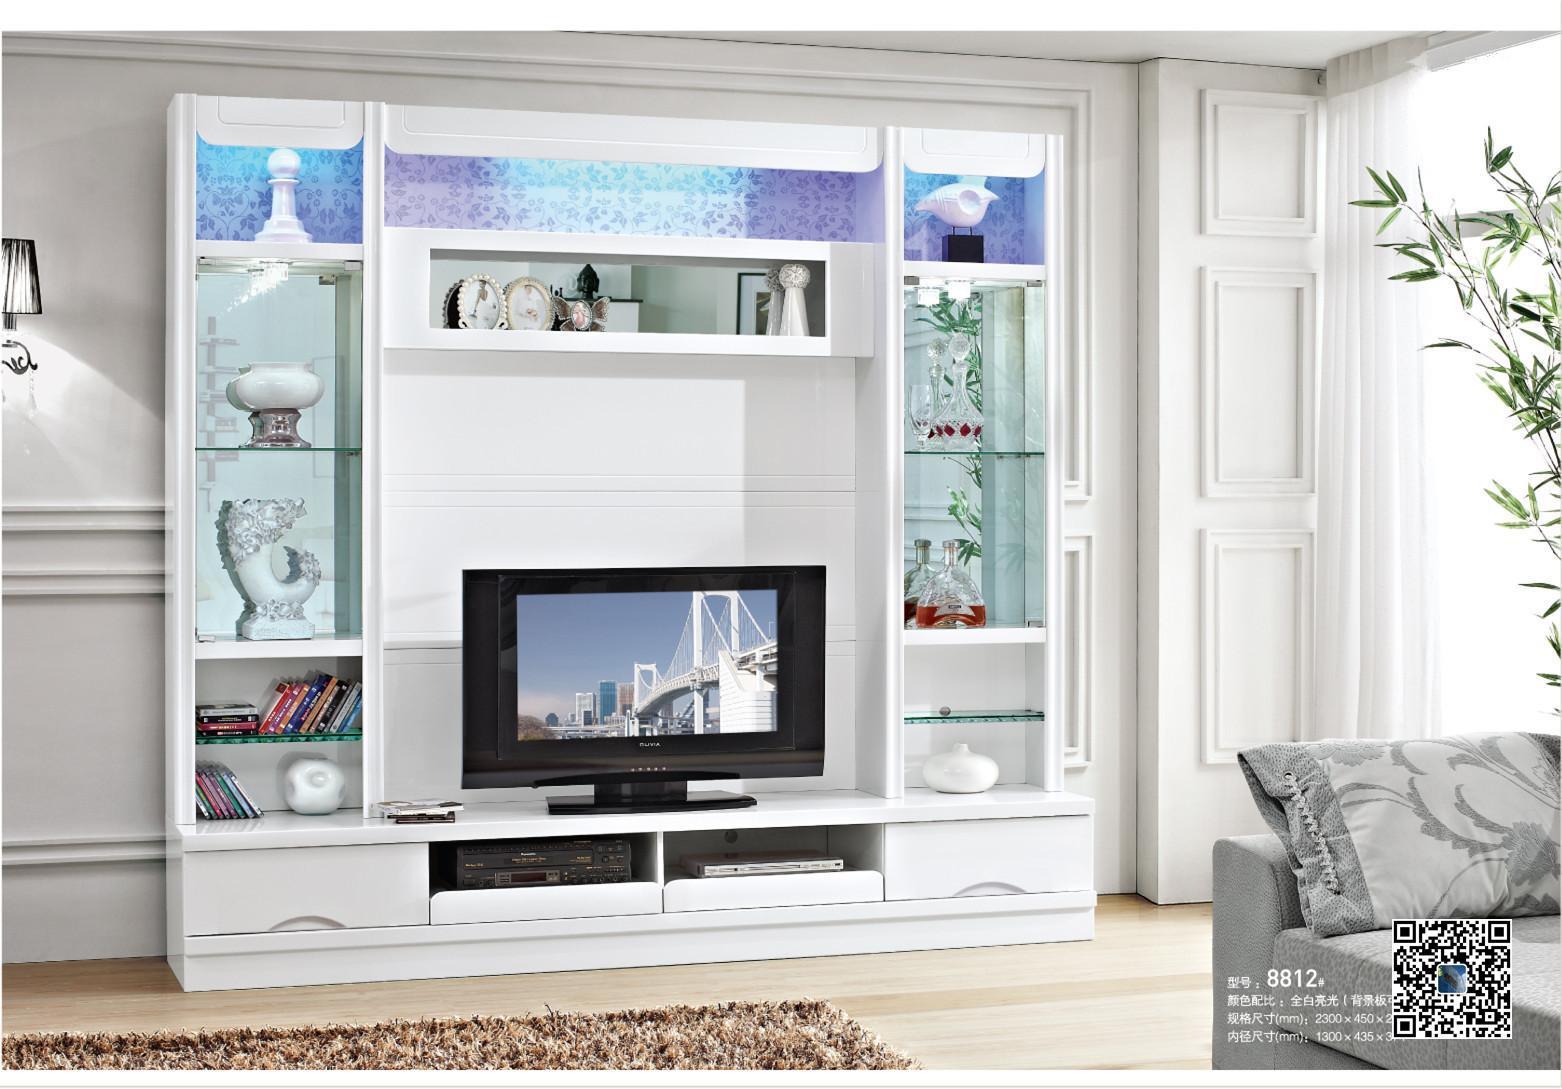 La madera Muebles de Saln TV Gabinete P11 La madera Muebles de